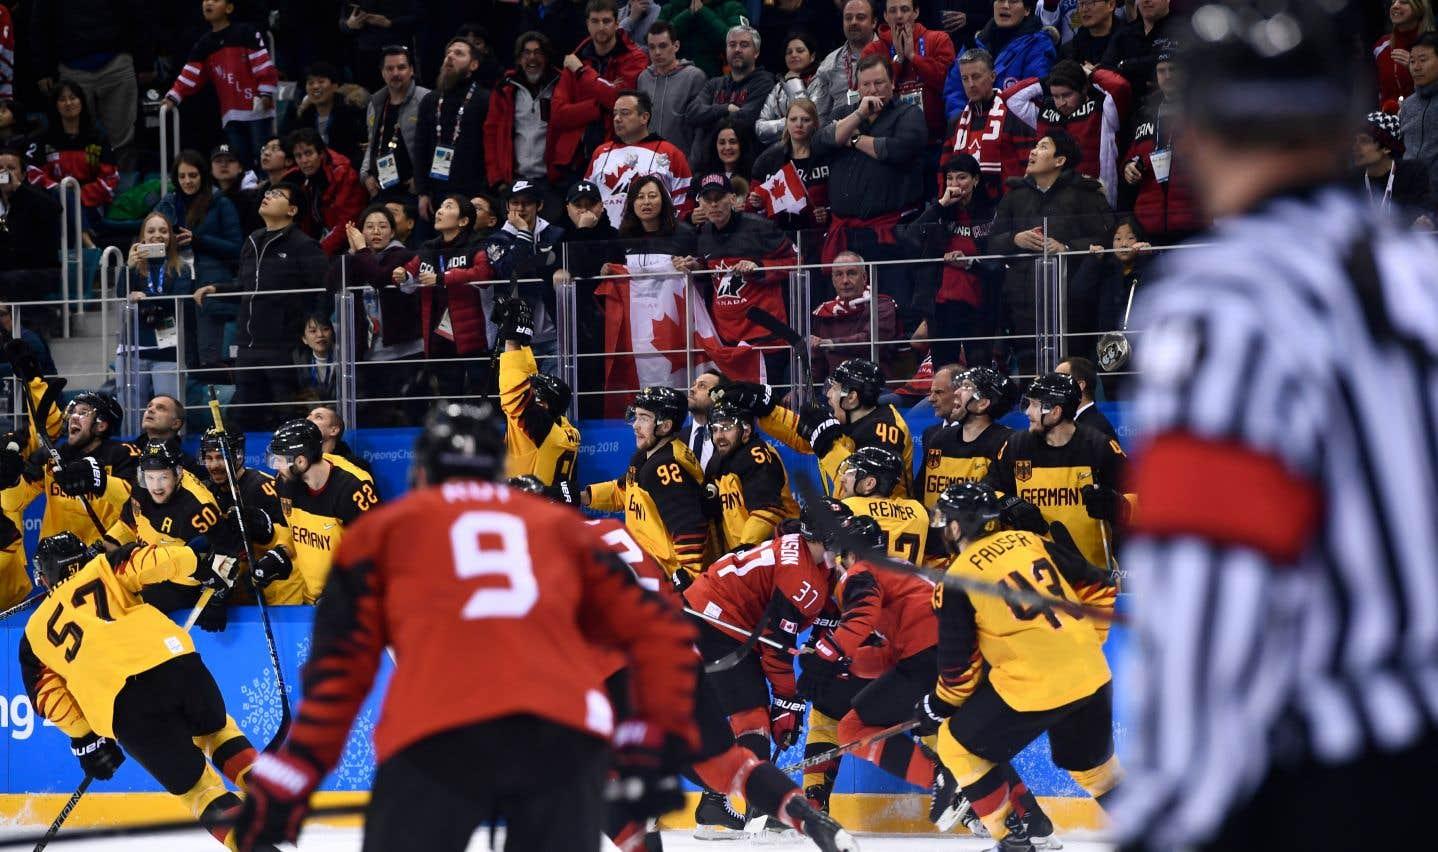 Il s'agit seulement de la deuxième victoire de l'Allemagne en 30 affrontements contre le Canada aux JO ou aux Mondiaux.